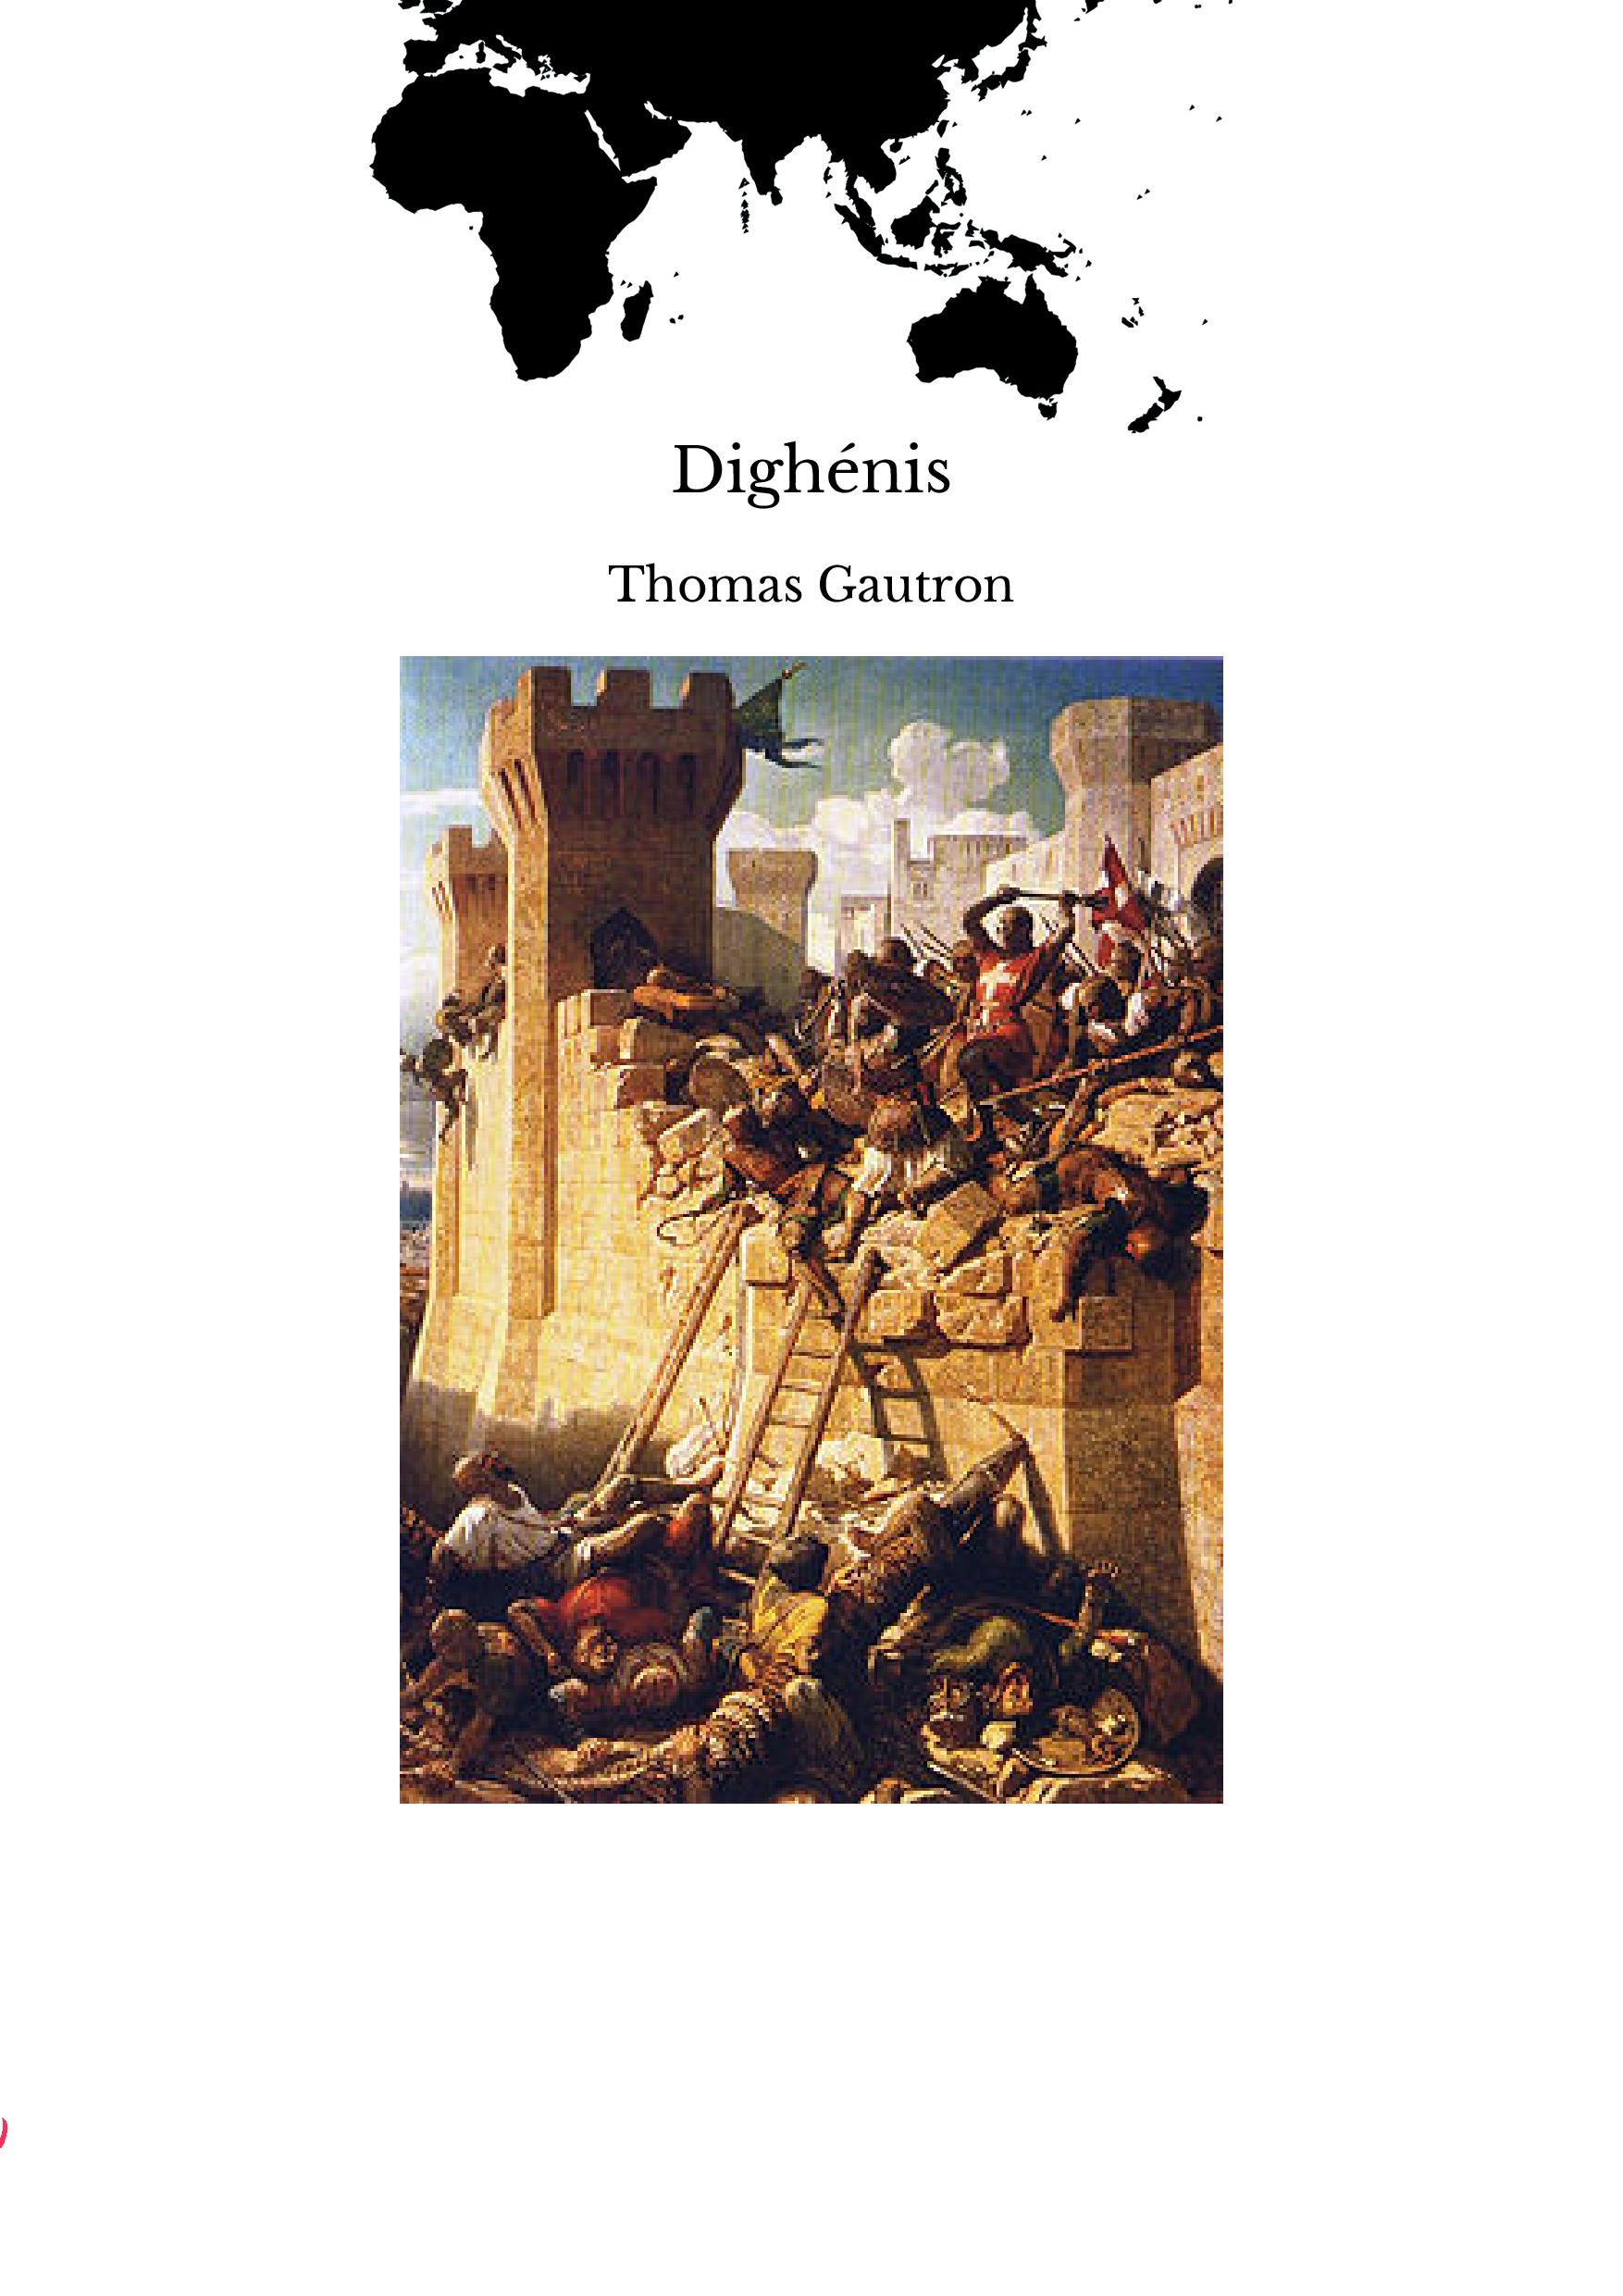 Dighénis